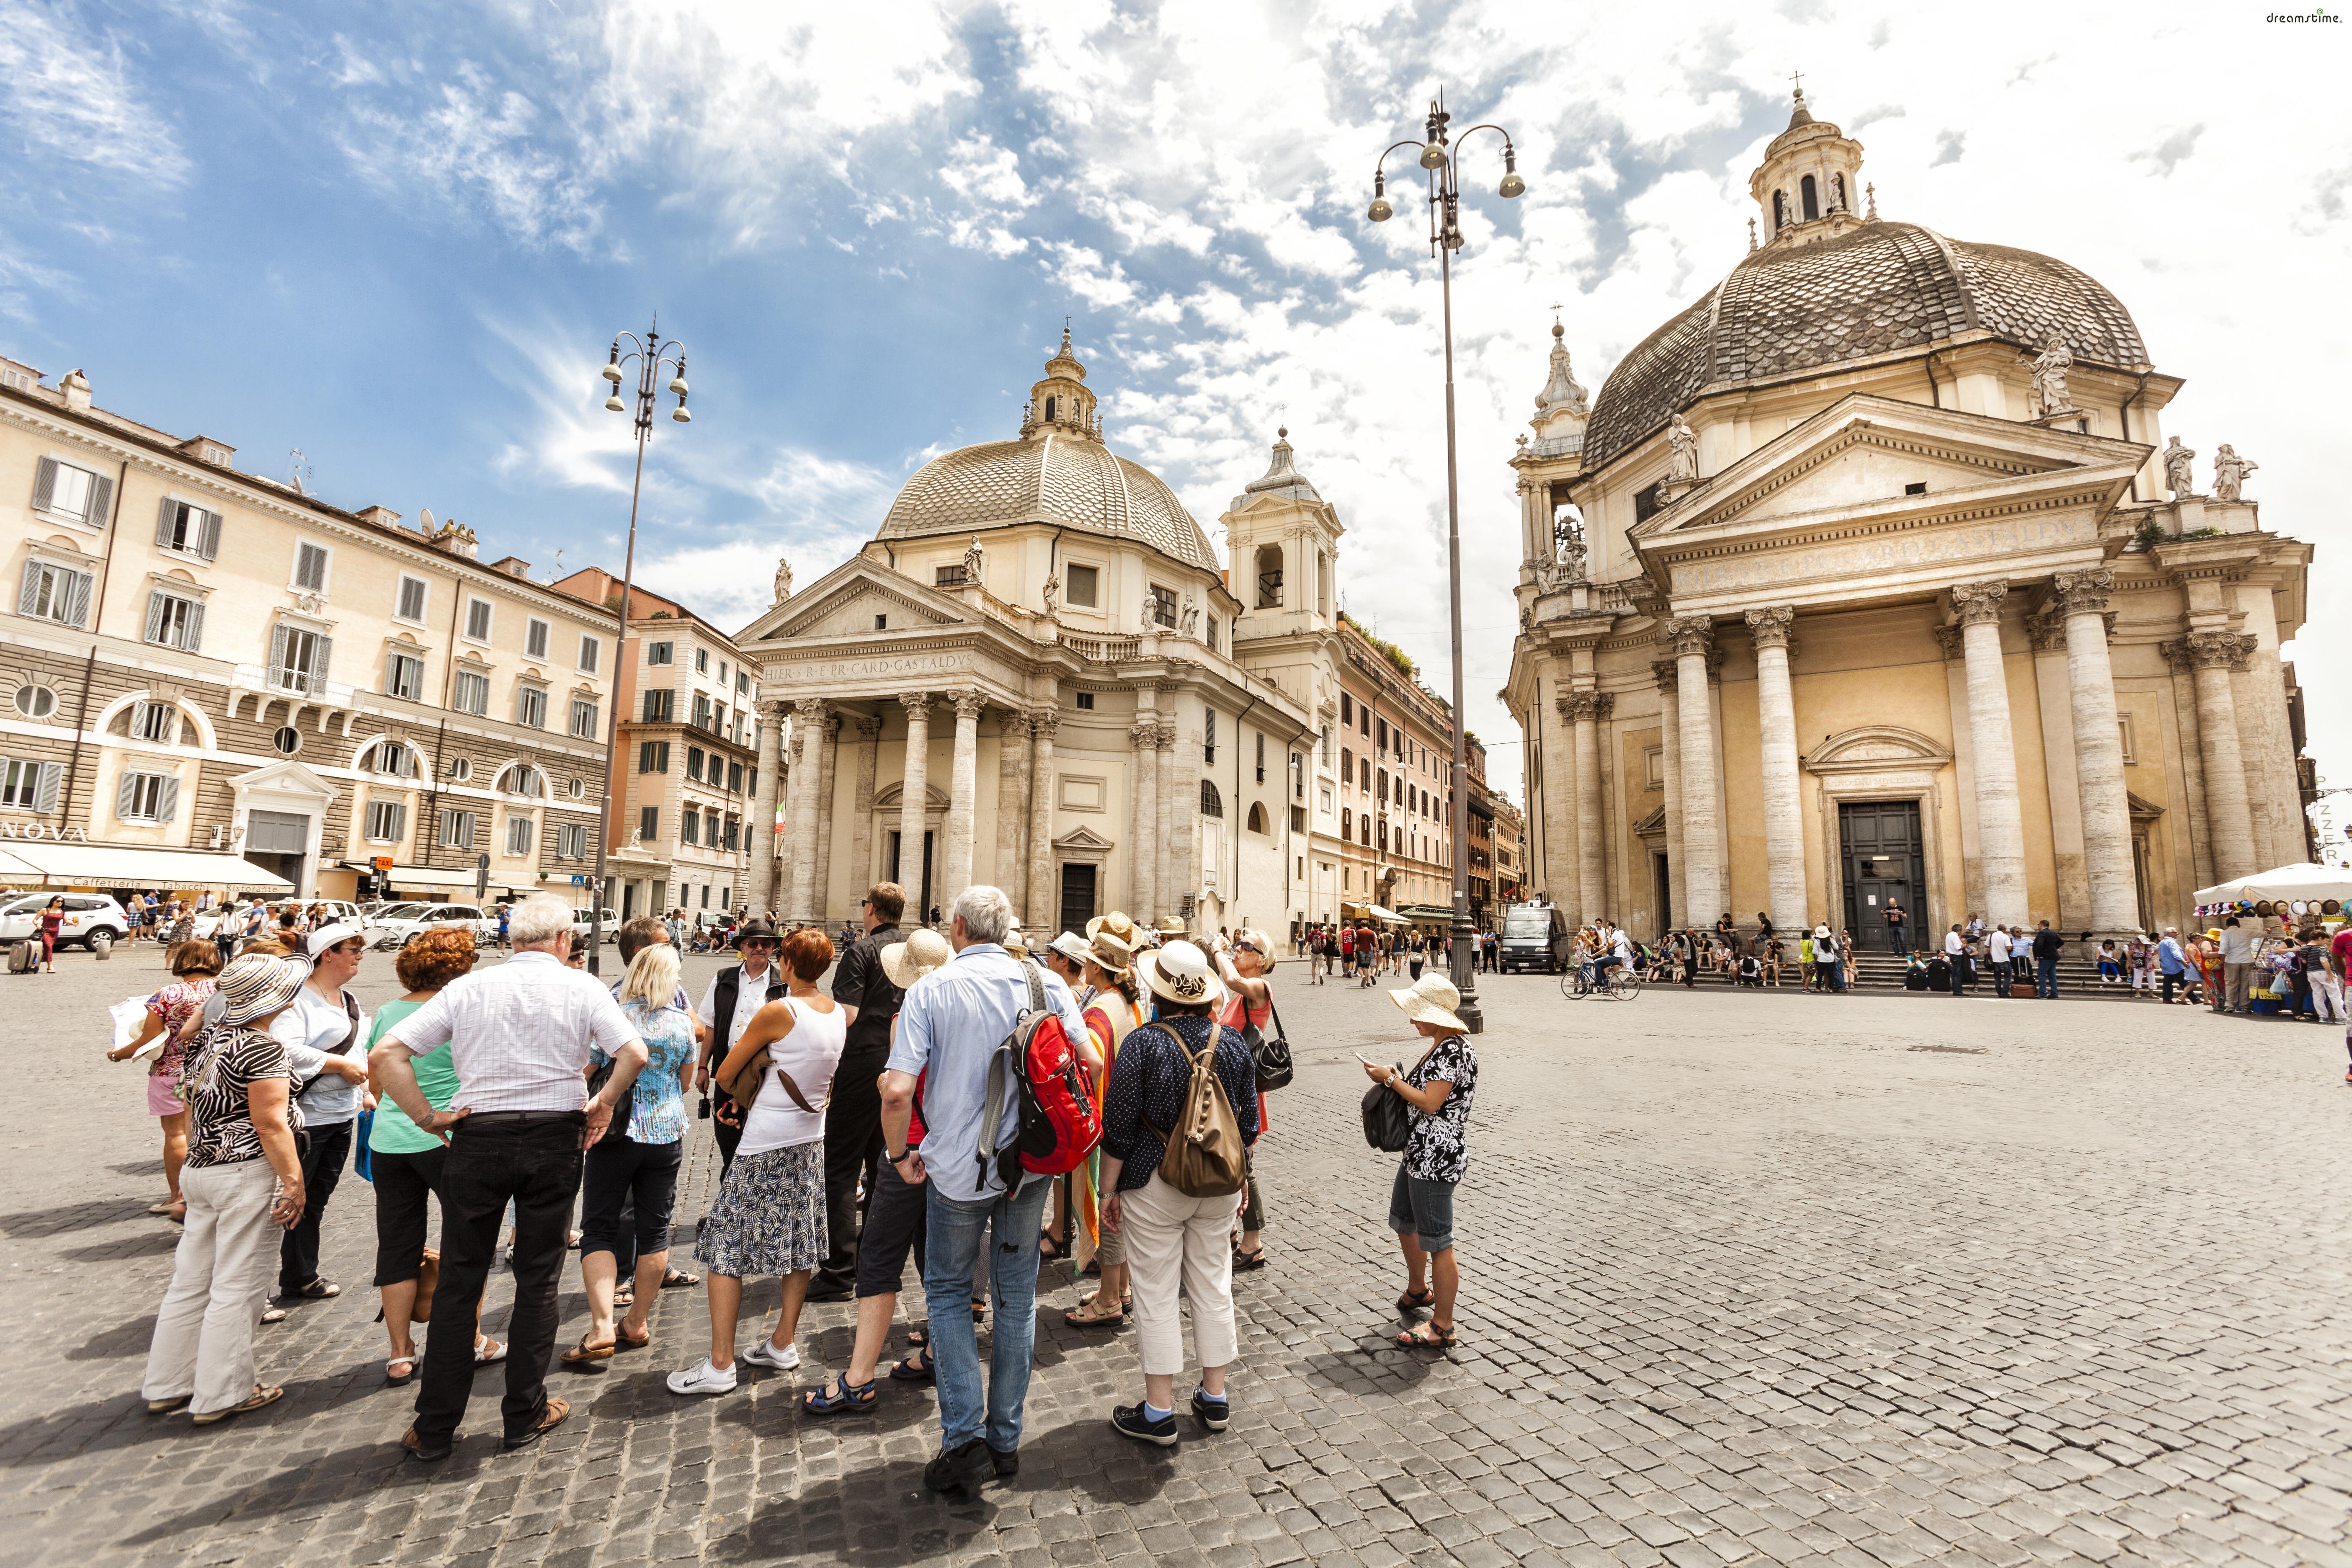 로마의 관광명소